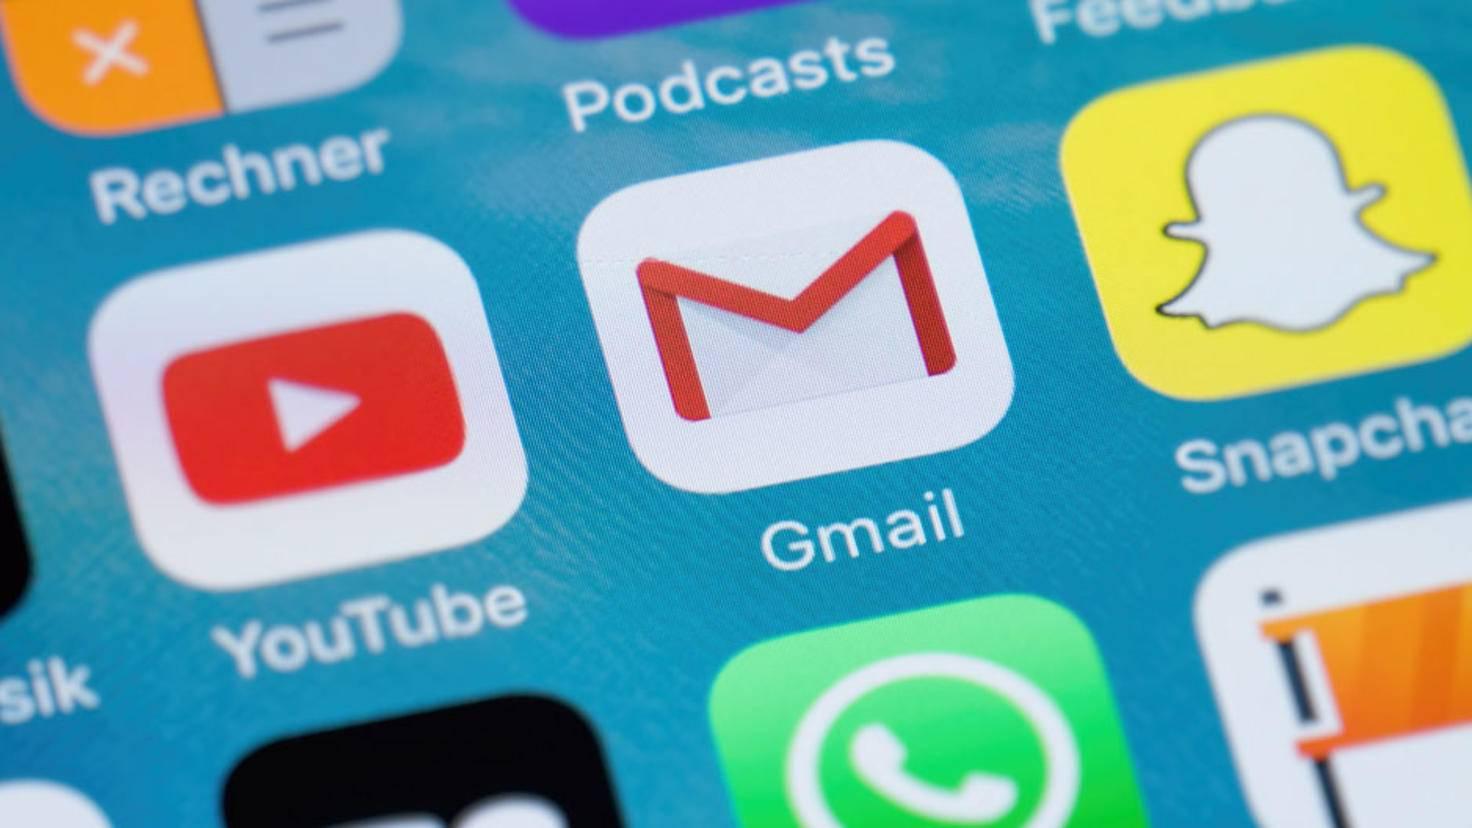 Gmail anmeldung nicht möglich android